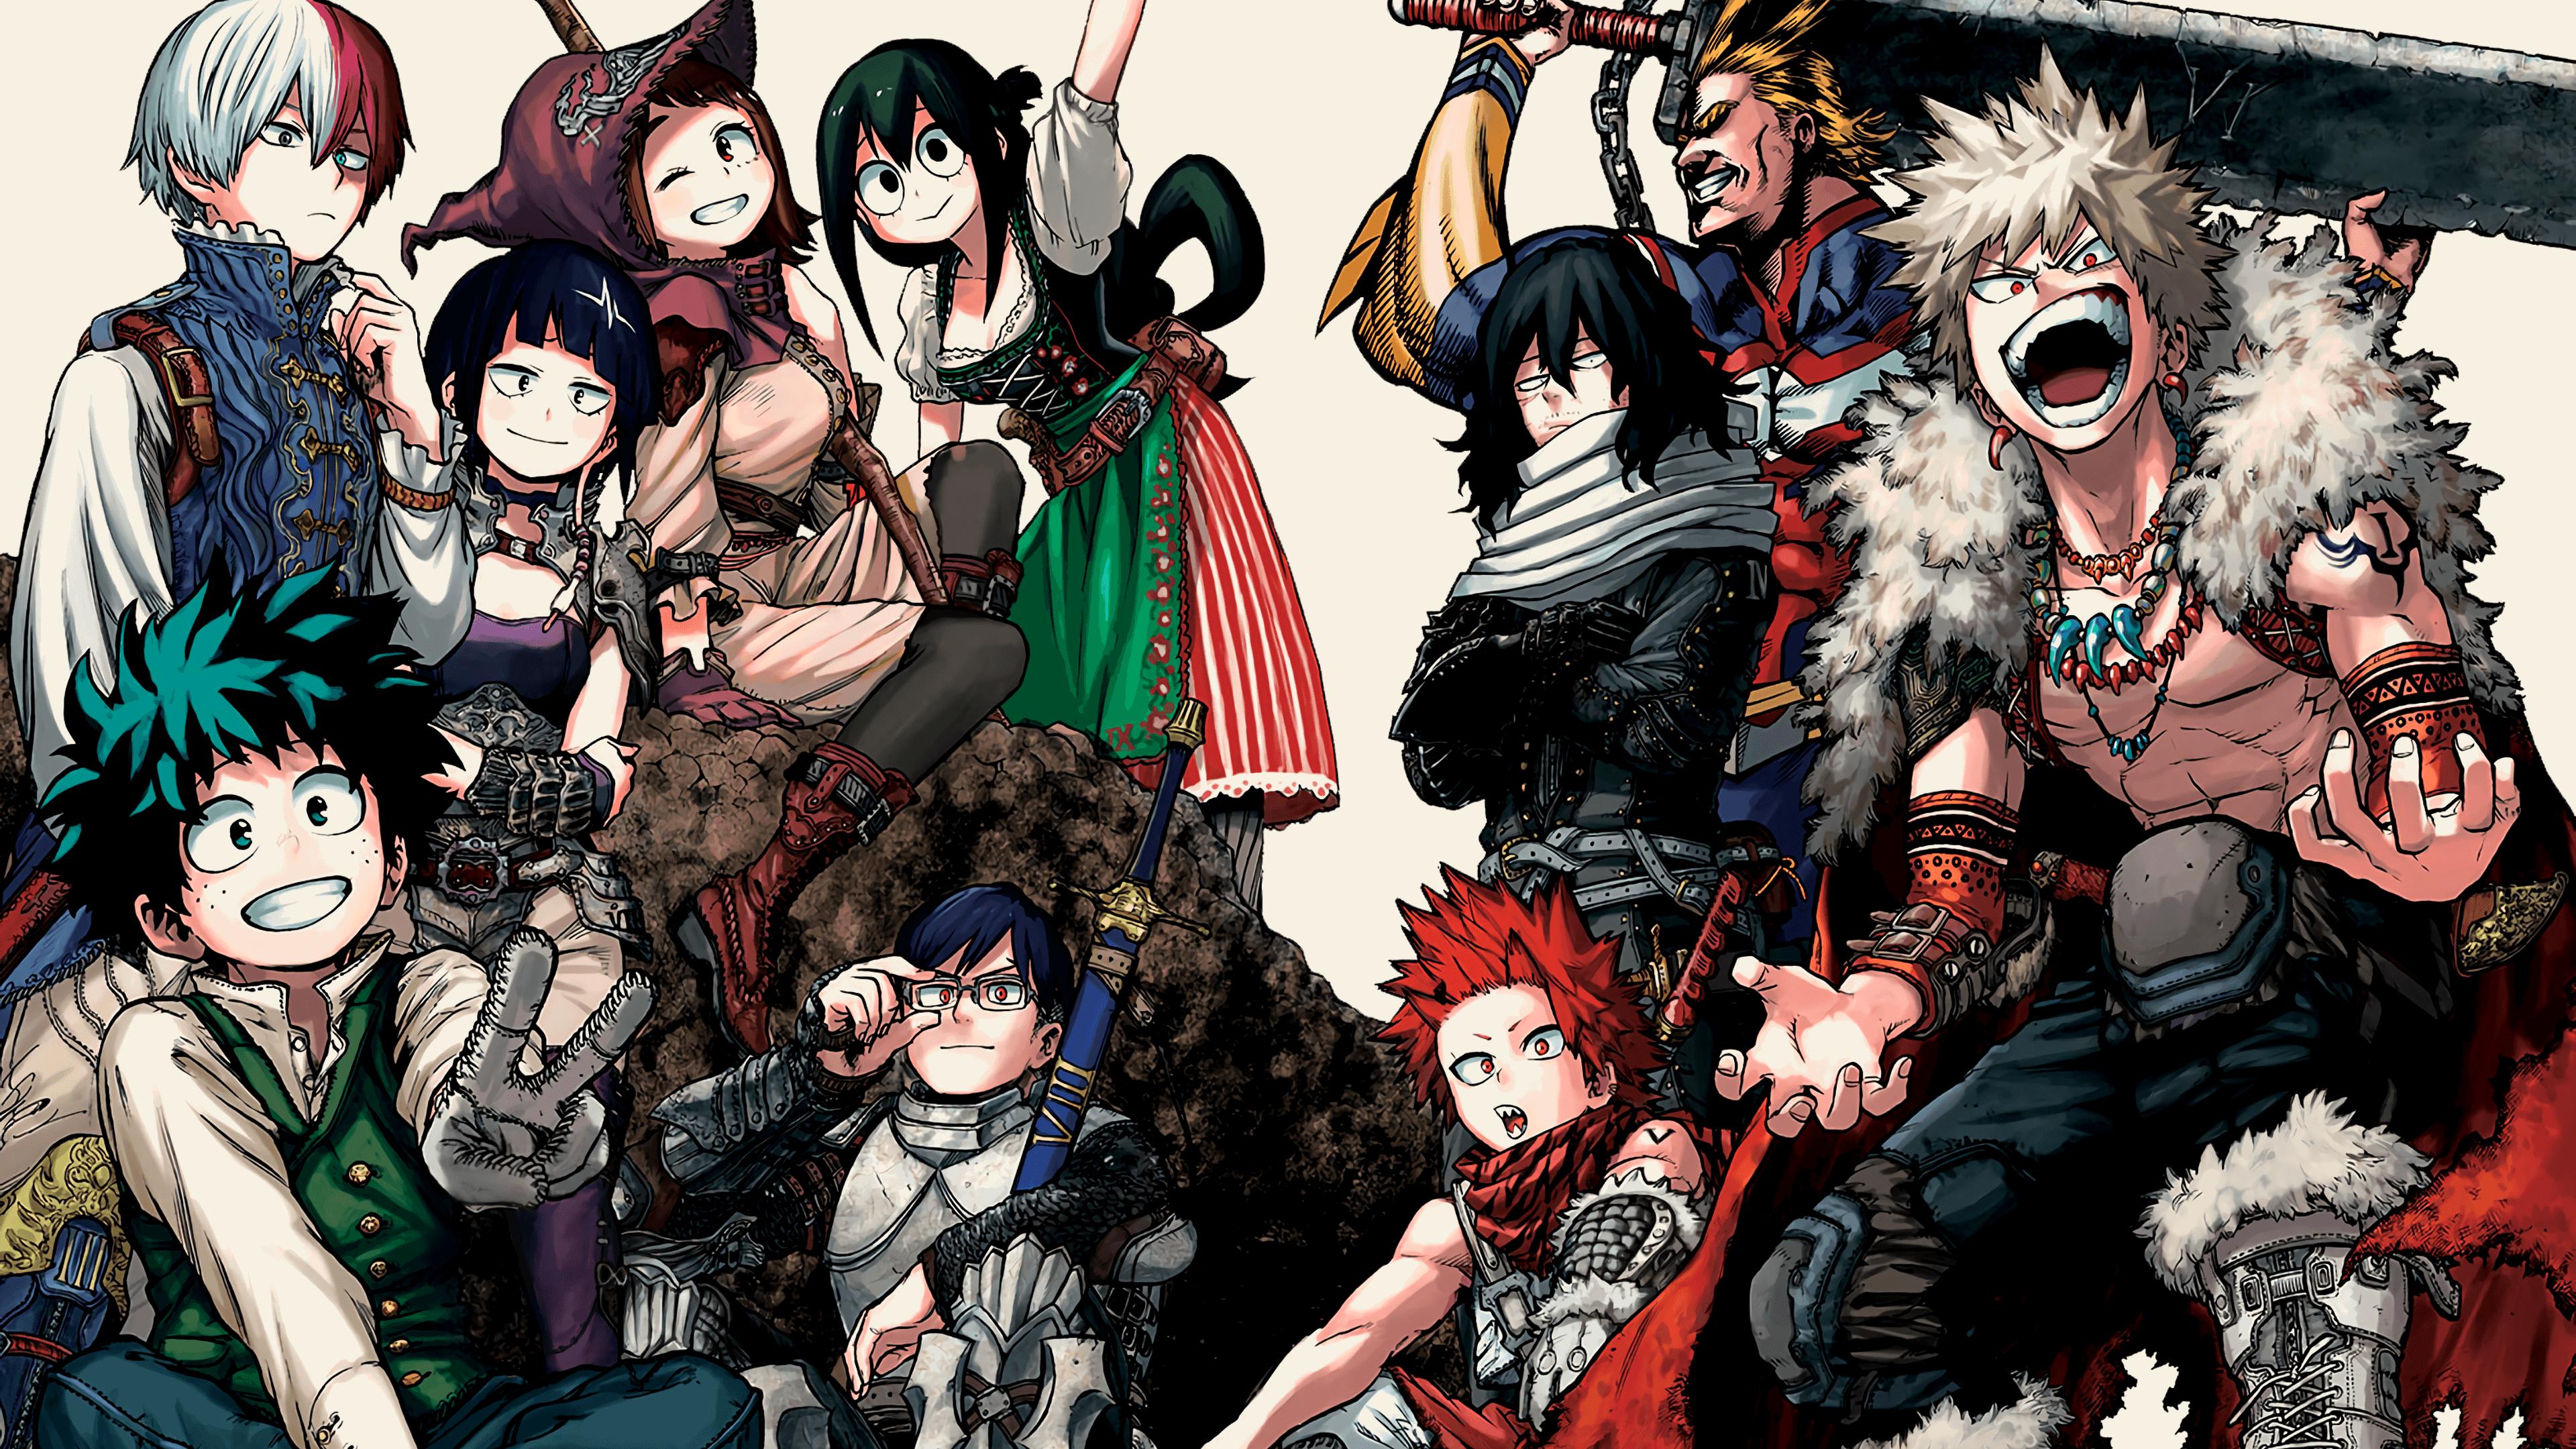 Anime Wallpaper 4k Reddit Gallery In 2020 Anime Anime Wallpaper Hero Wallpaper